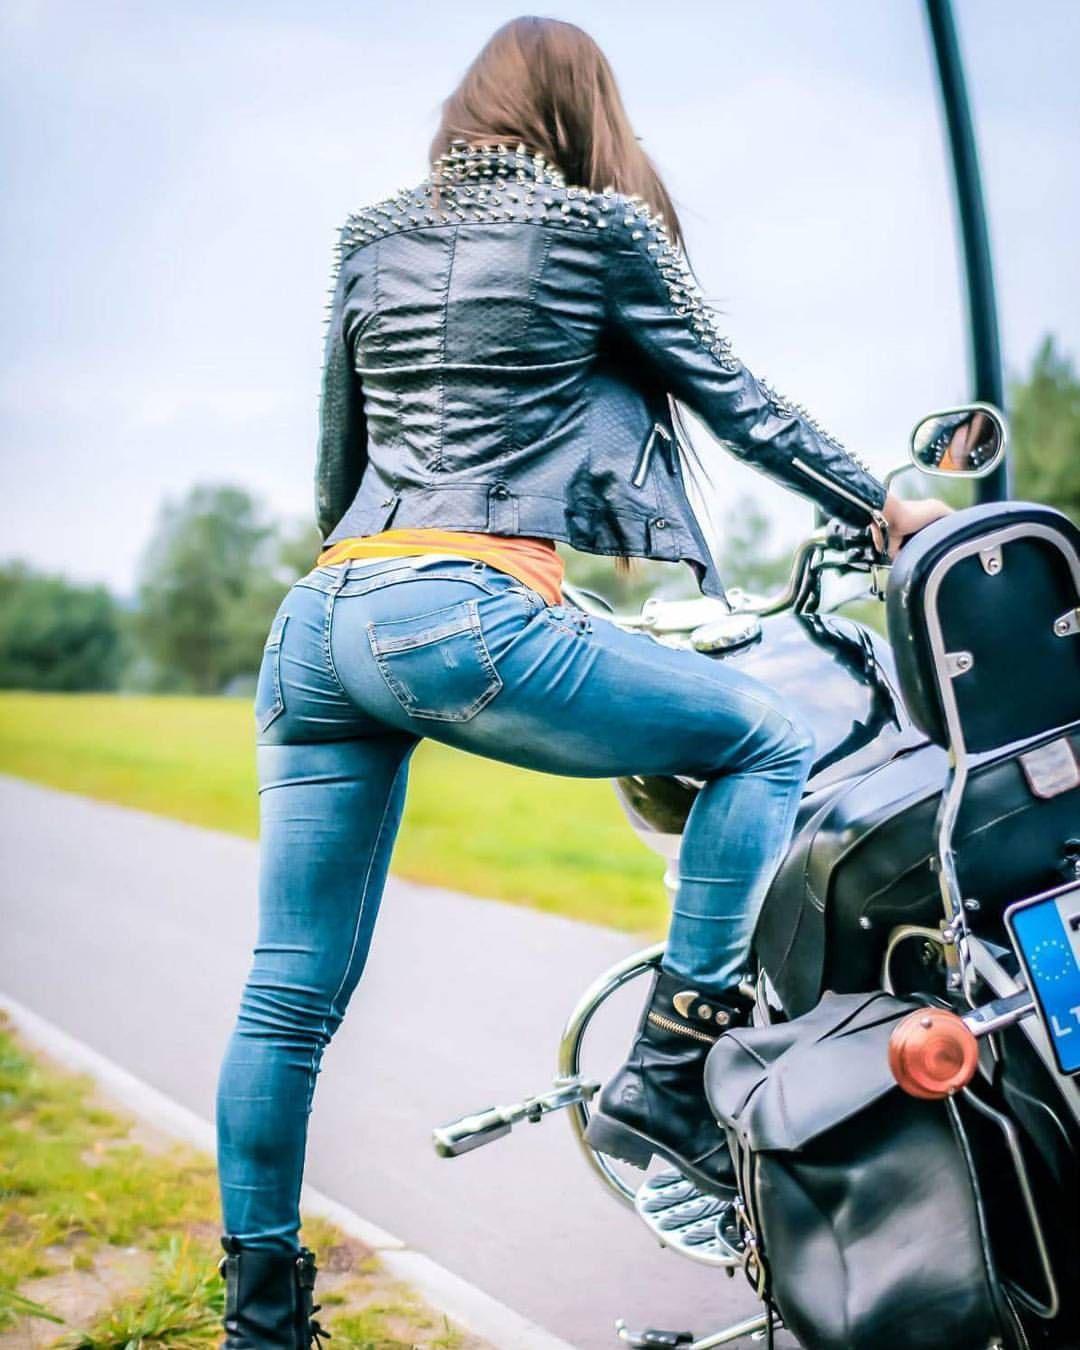 Femme à moto : choisissez bien votre pantalon